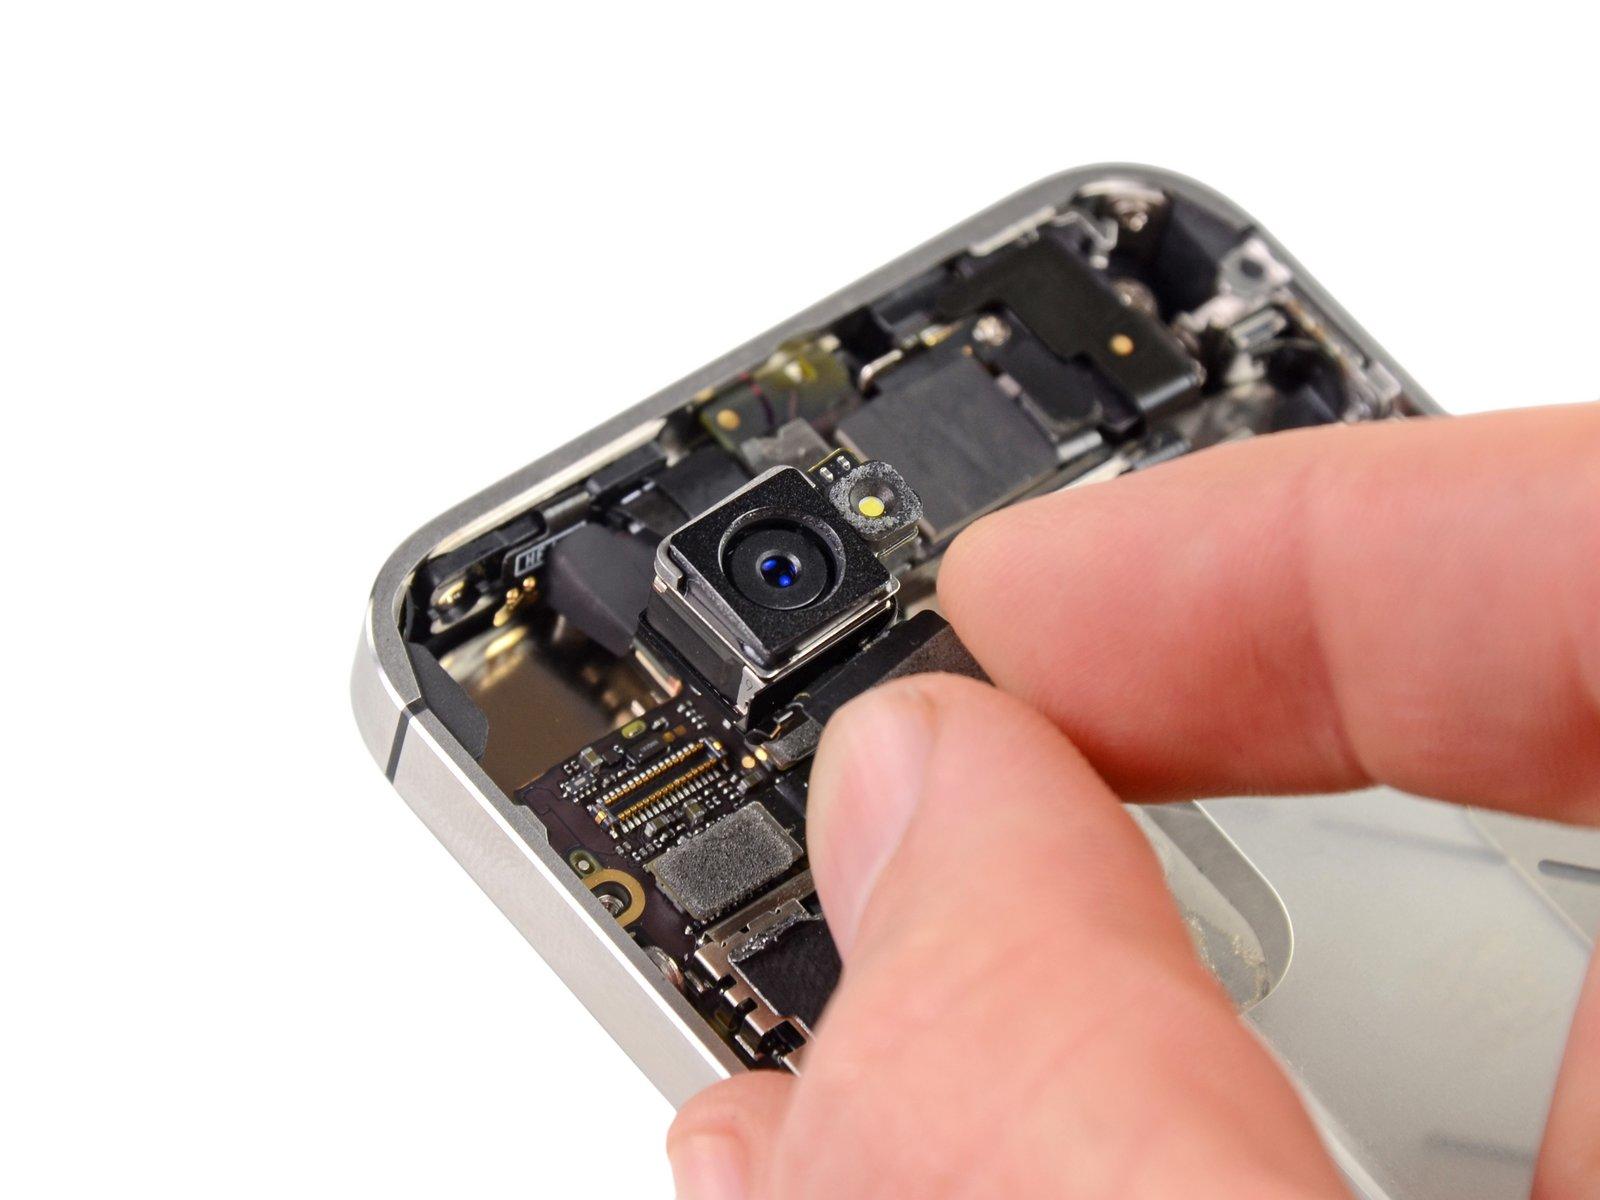 результате айфон 5 камера не переводится на фронтальную камеру термобелья